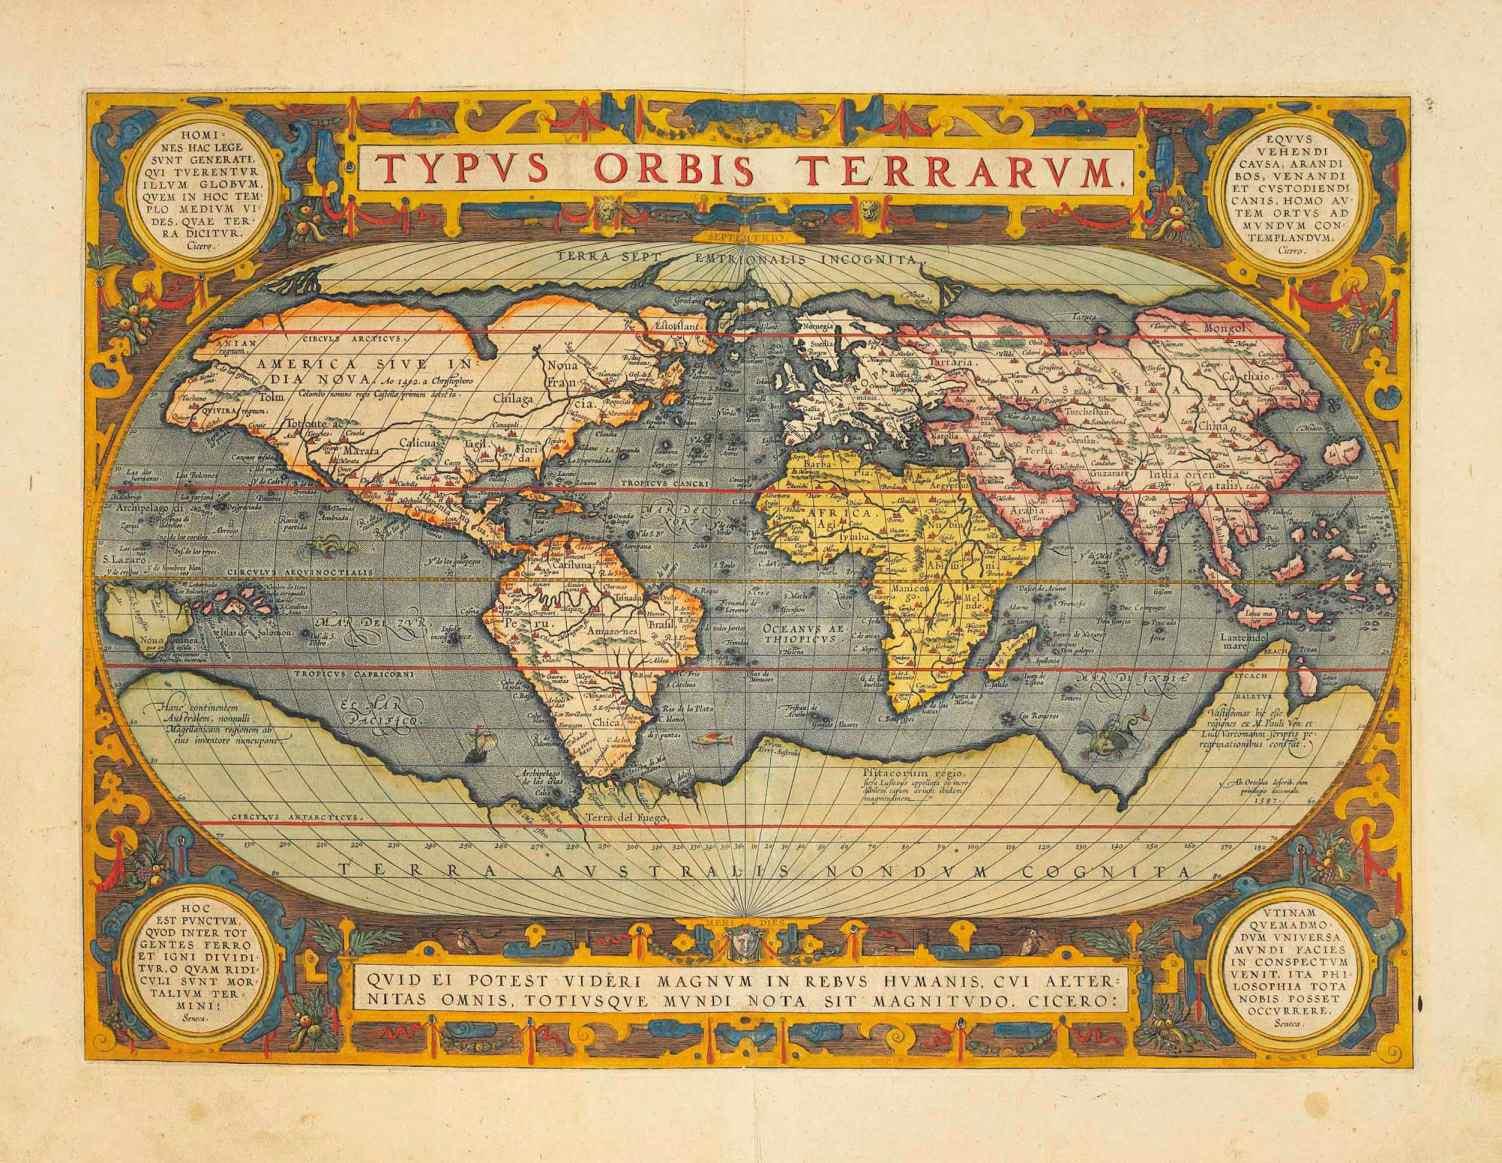 """Op deze kaart uit 1570 wordt Hyperborea weergegeven als een Arctisch continent en beschreven als """"Terra Septemtriionalis Incognita"""" (Onbekend Noordelijk Land)."""